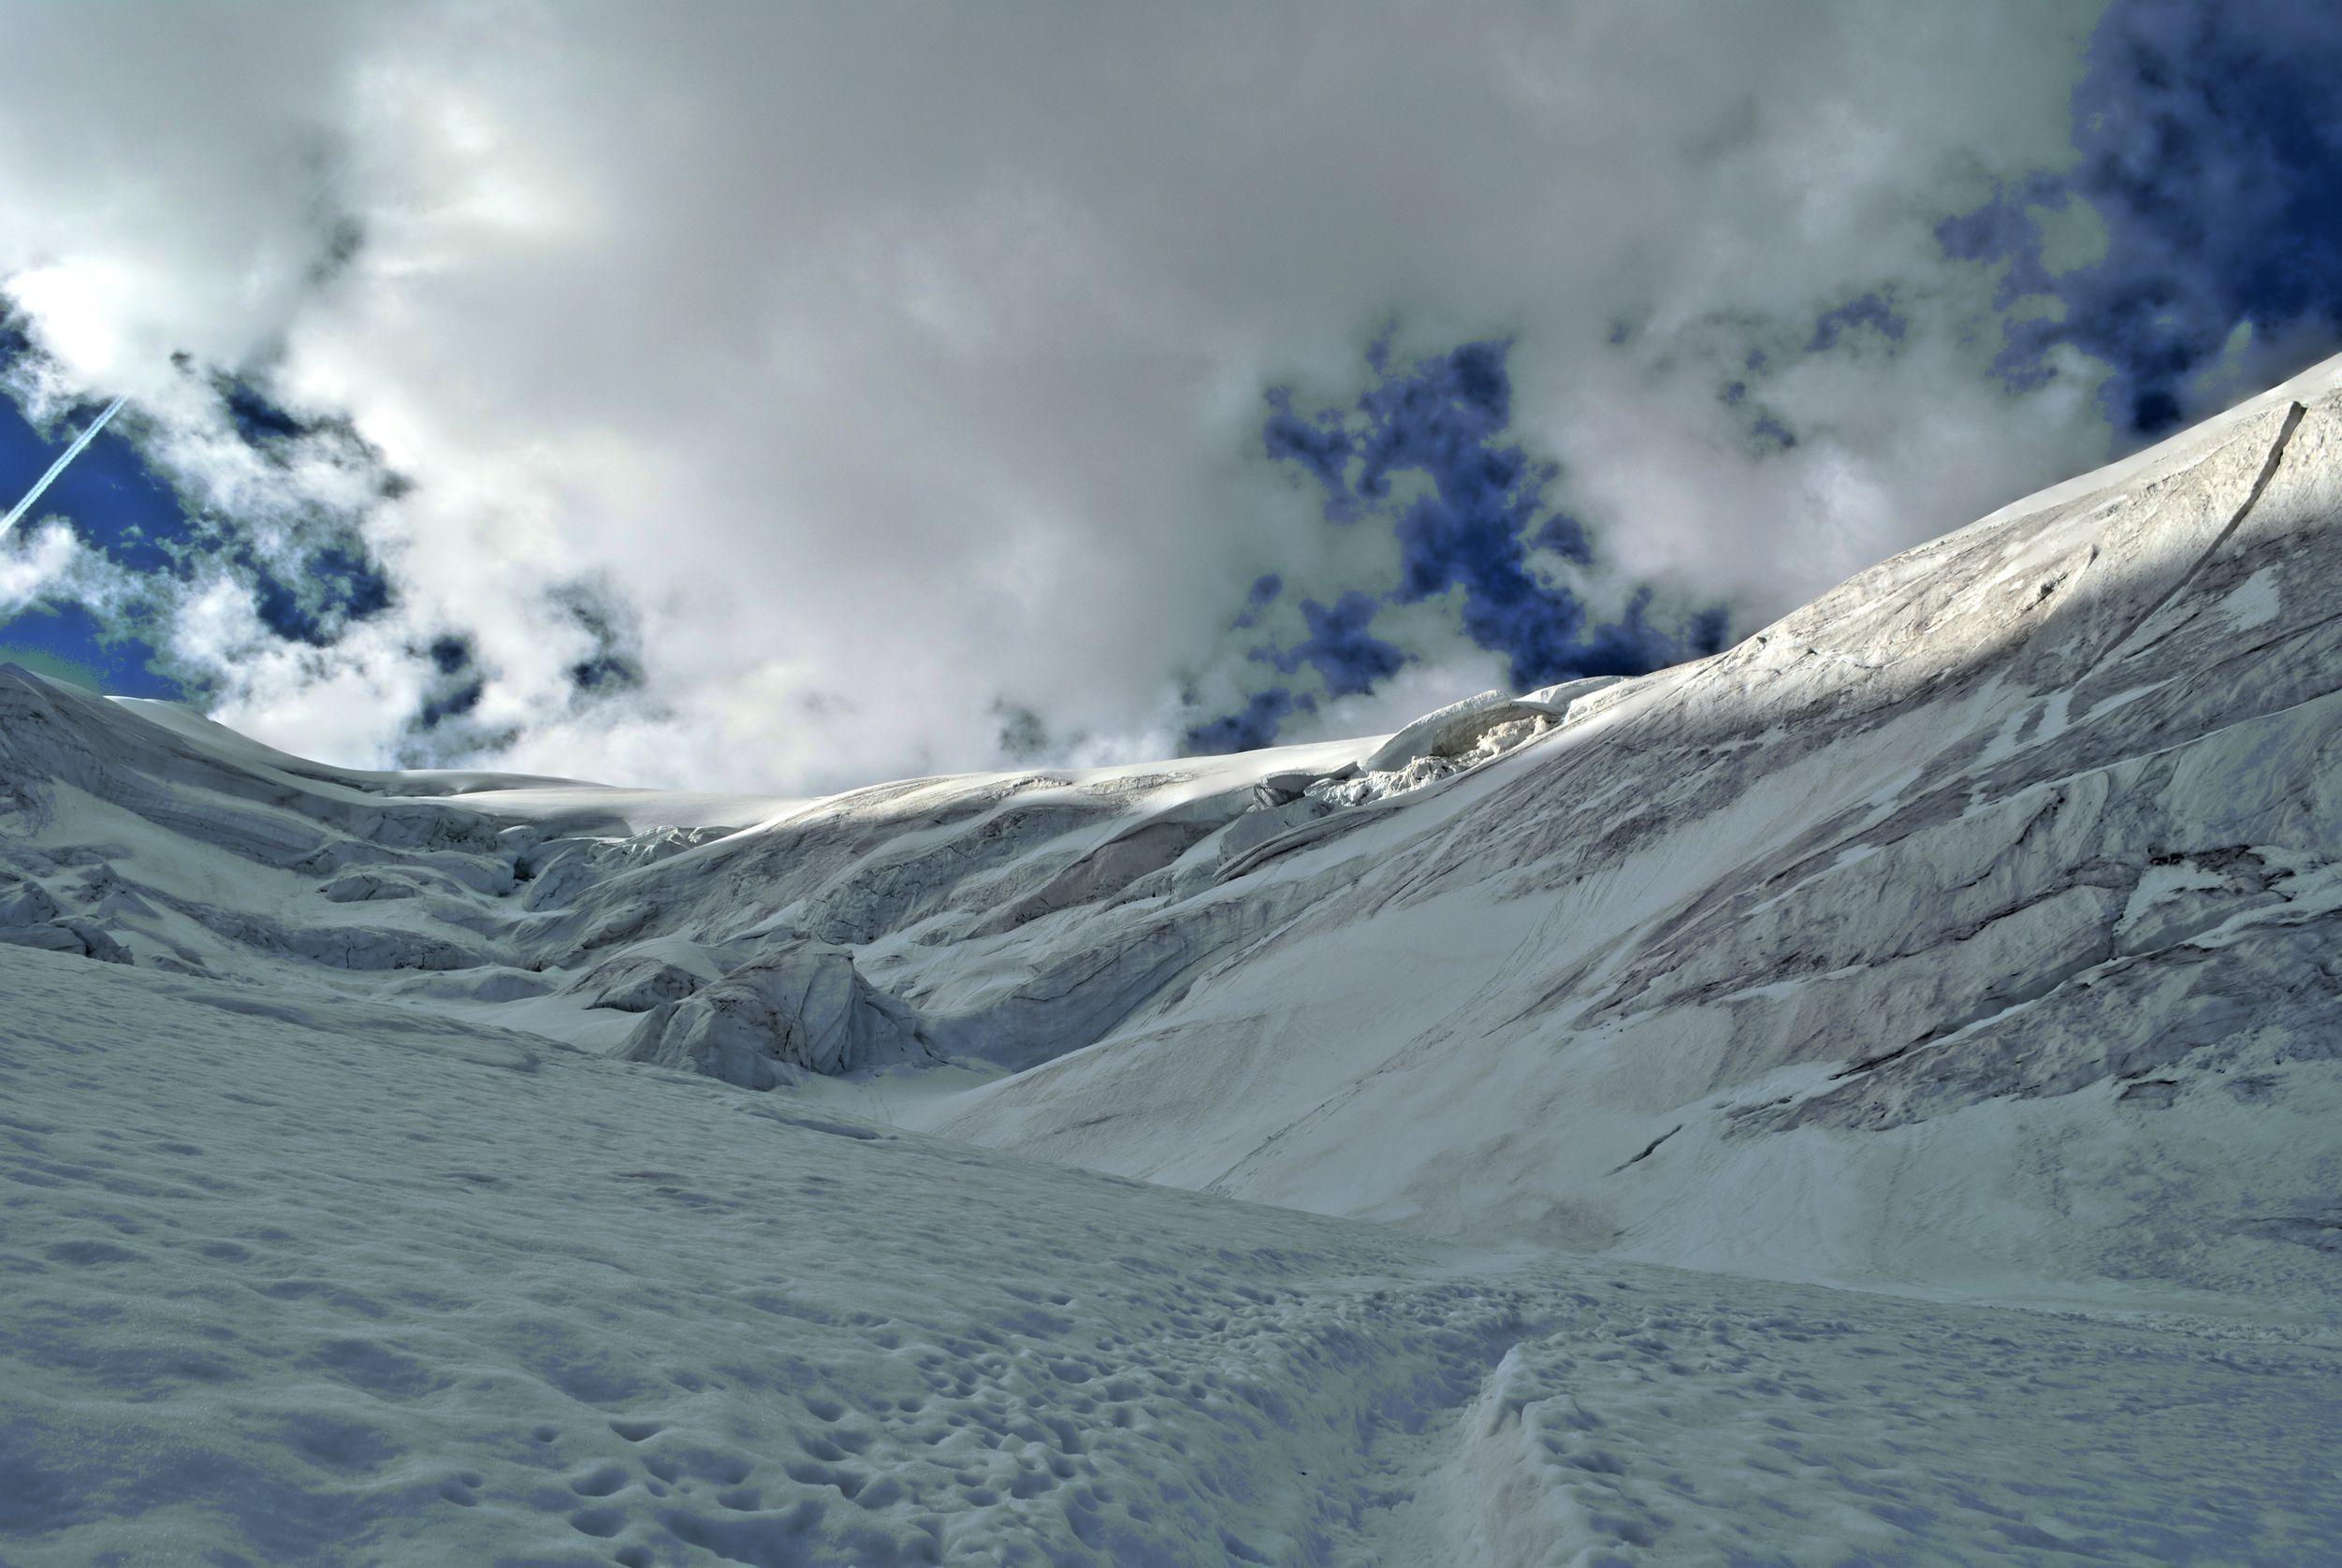 Risc mare de avalanşă în Munţii Făgăraş, la altitudini de peste 1.800 de metri